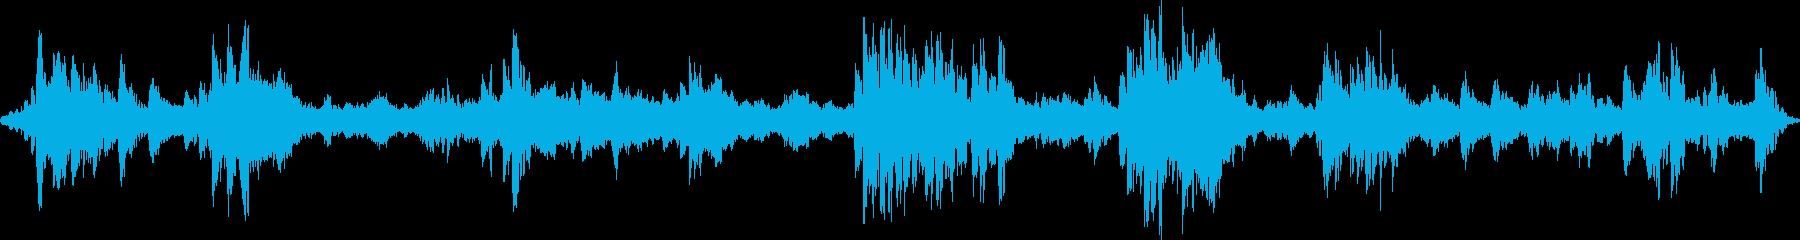 深海遊泳を描写したアンビエント音楽の再生済みの波形